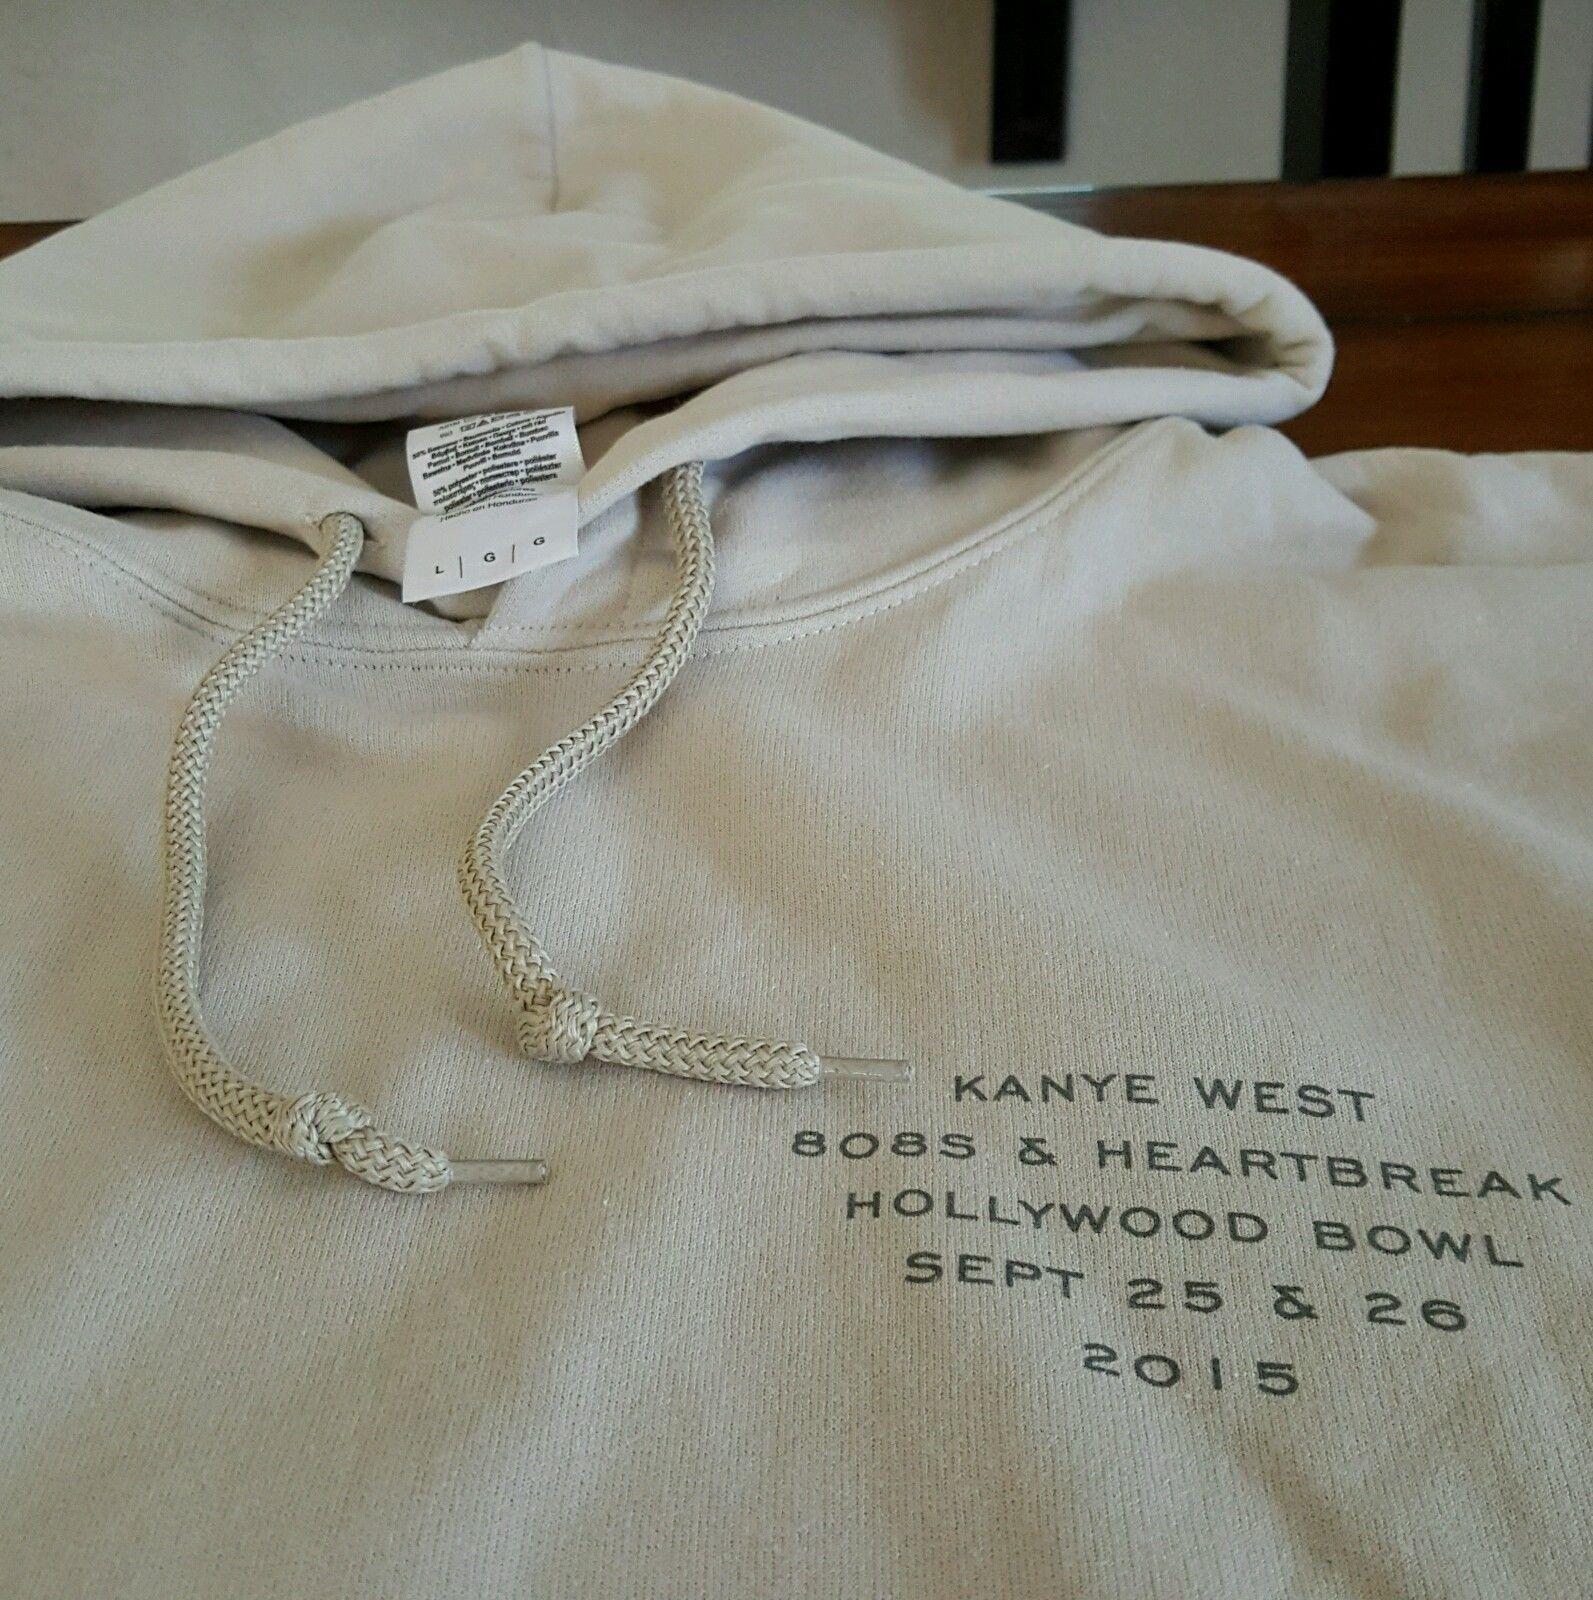 Yeezus Tour Merch Kanye West 808s Heartbreak Hollywood Bowl Hoodie Sz L Sand Hoodies Men Hoodies Kanye West